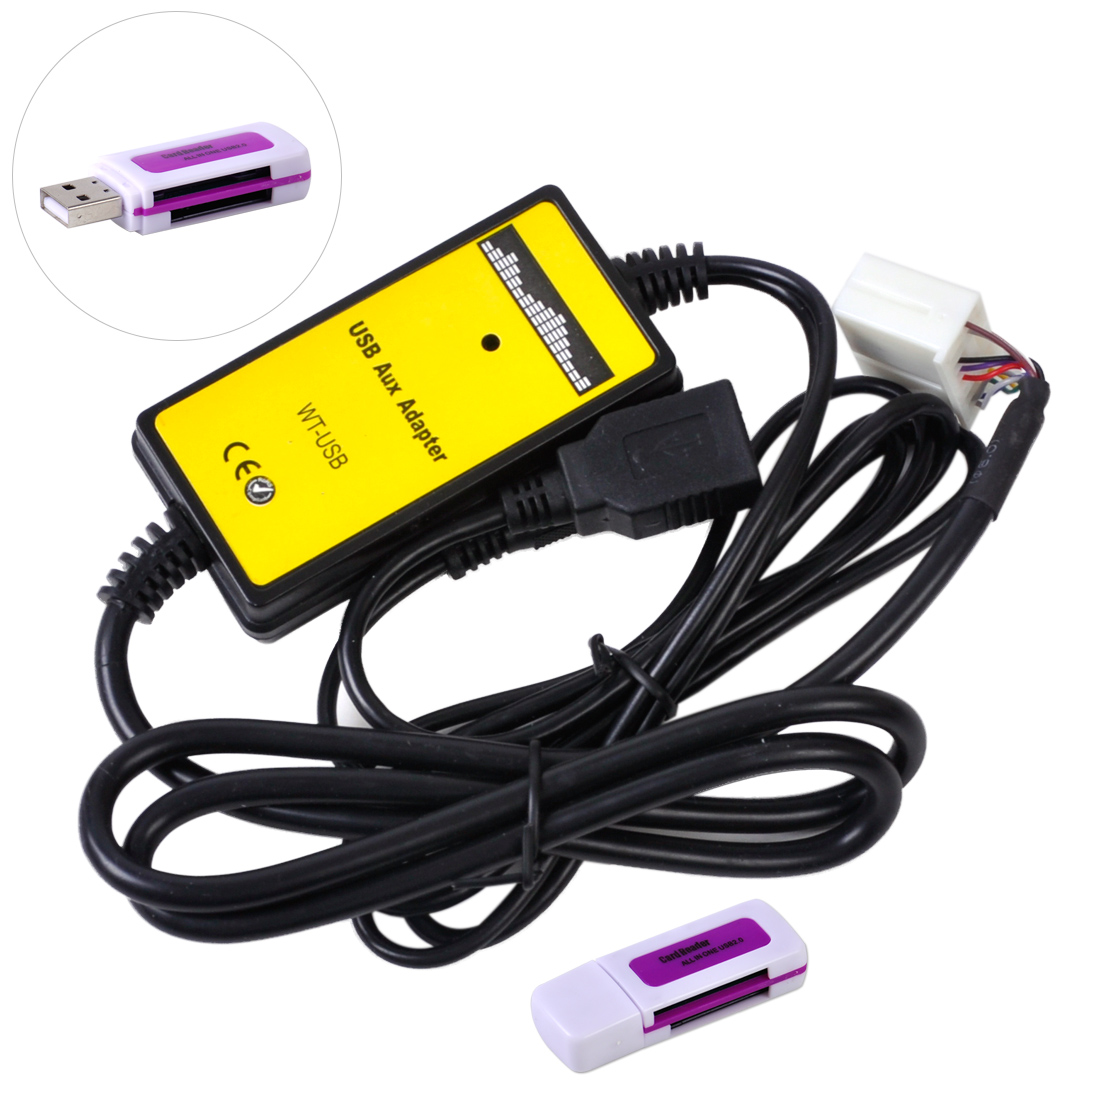 CITALL Nero Musica Auto CD Adattatore di Interfaccia Audio da 3.5mm AUX Cavo di Ingresso USB con lettore di Schede per il VW Audi Pin radio